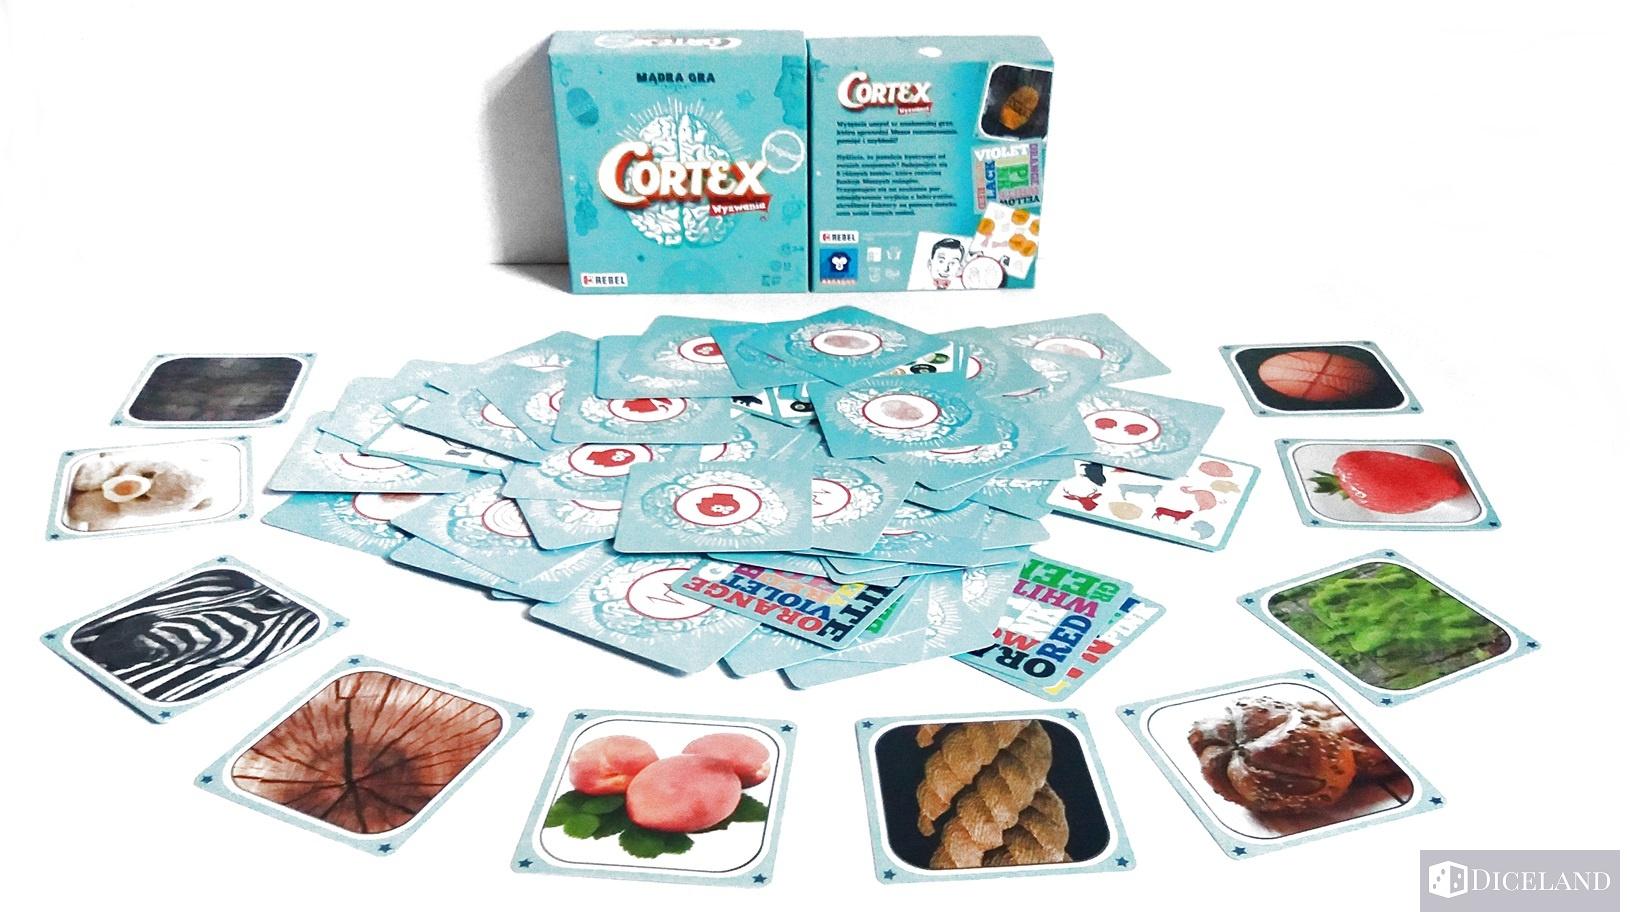 Cortex 21 Recenzja #25 Cortex: Wyzwania